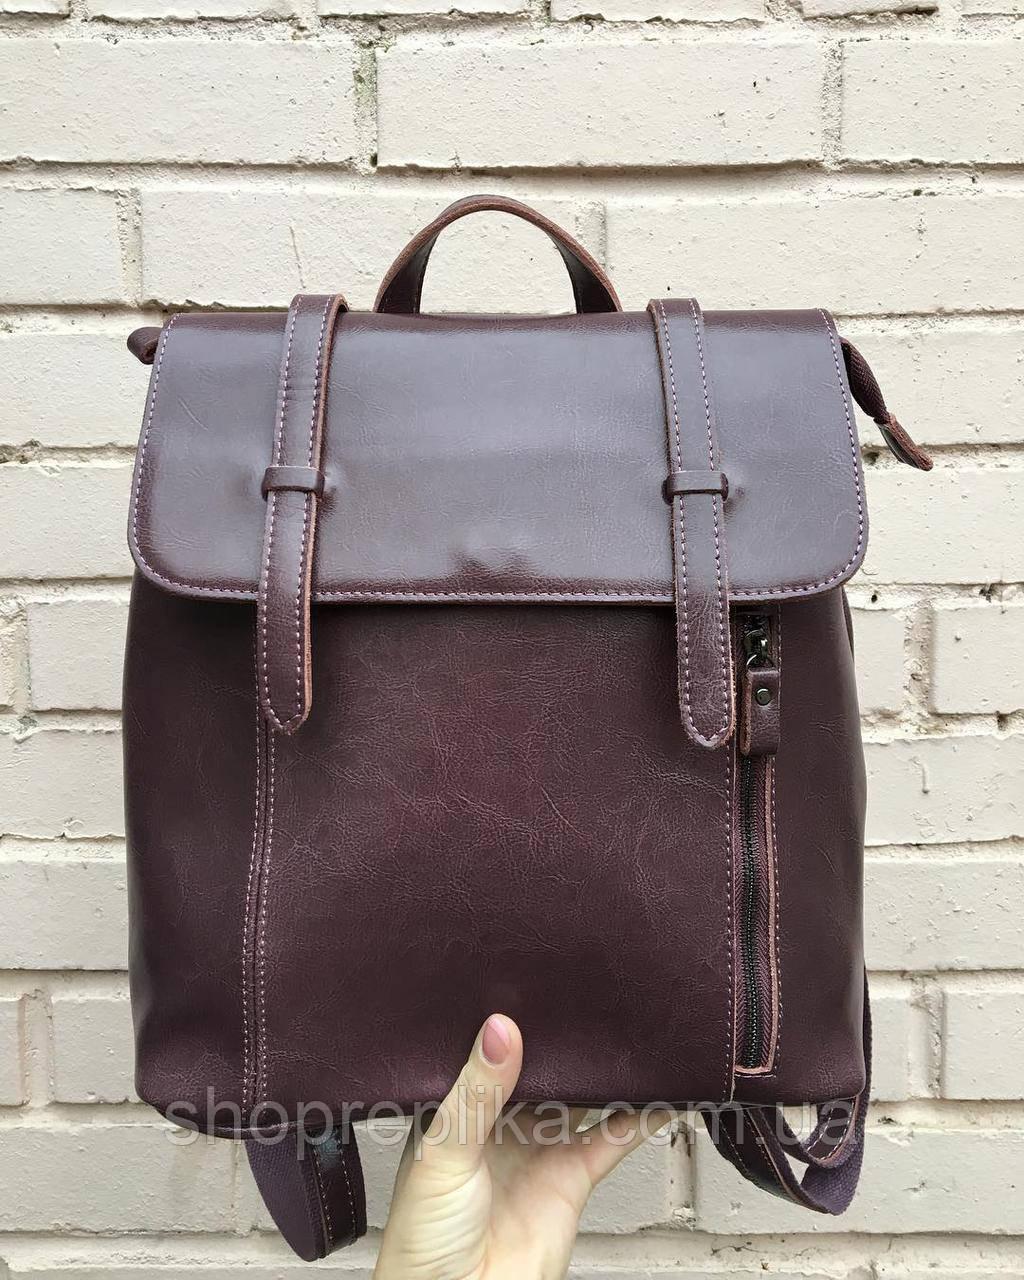 Кожа рюкзак сумка трансформер темно коричневый , Натуральная кожа , фото 1